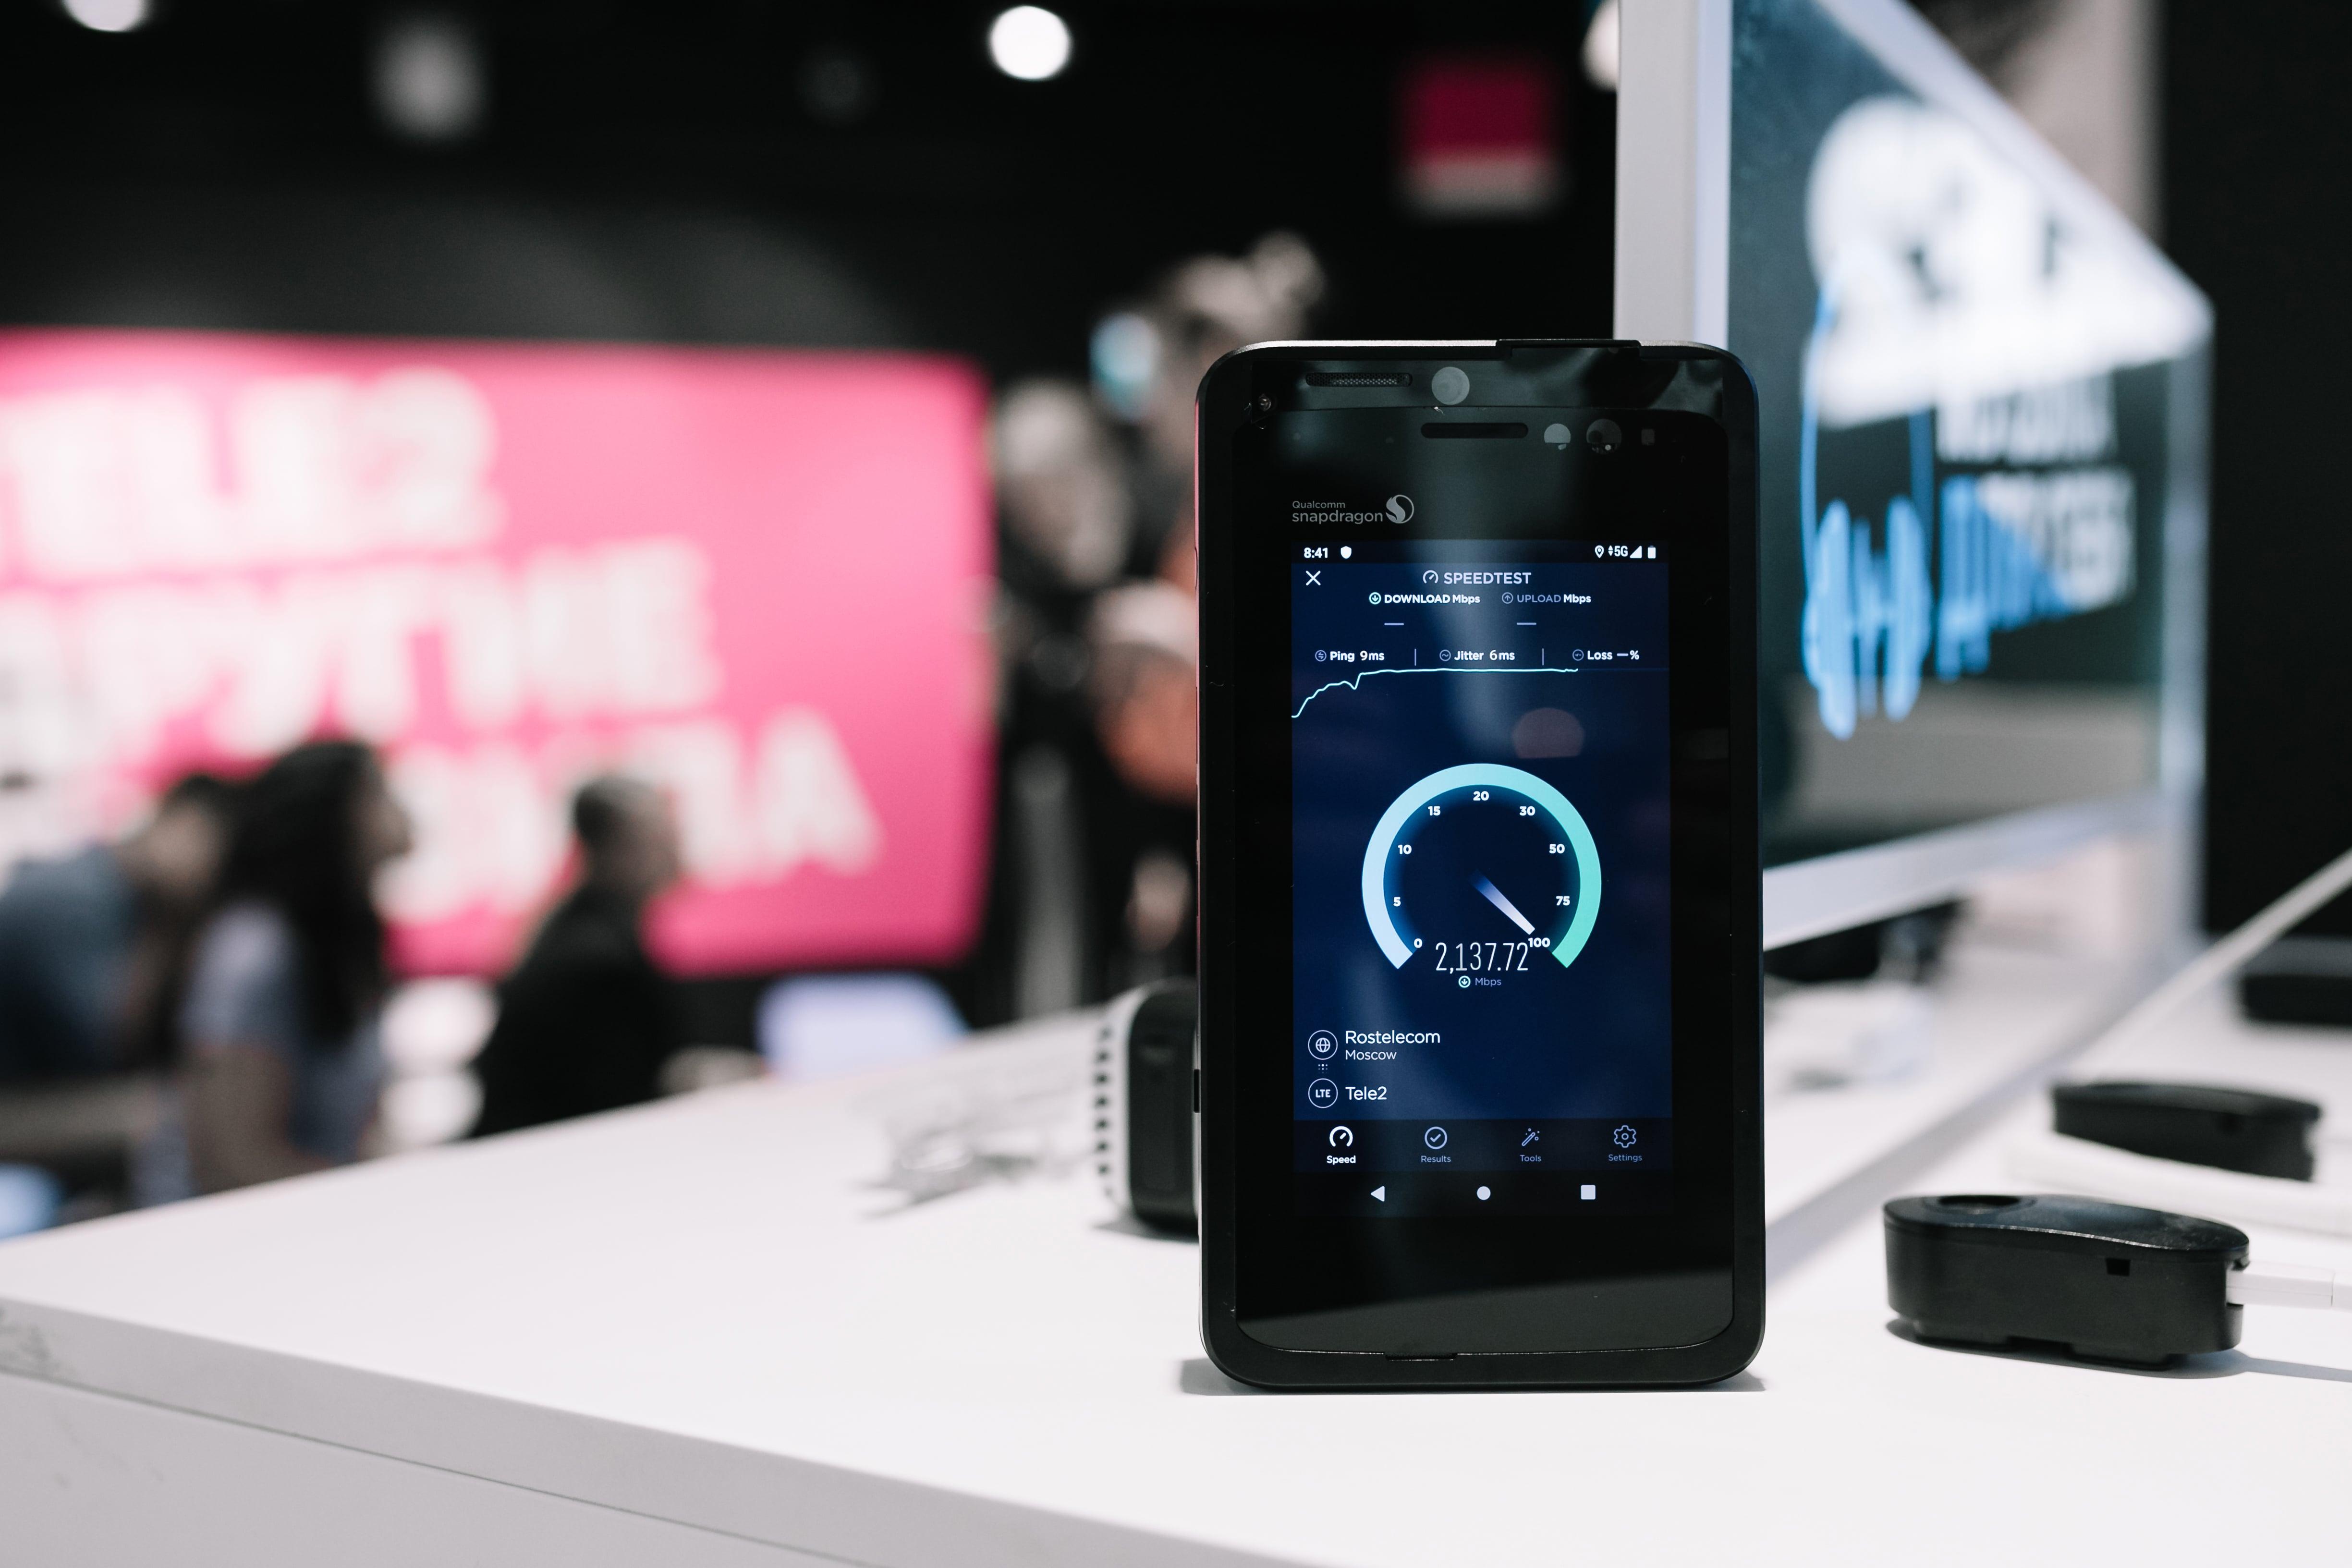 Tele2 получила скорость 2,1 Гбит/c на абонентском устройстве в сети 5G 1